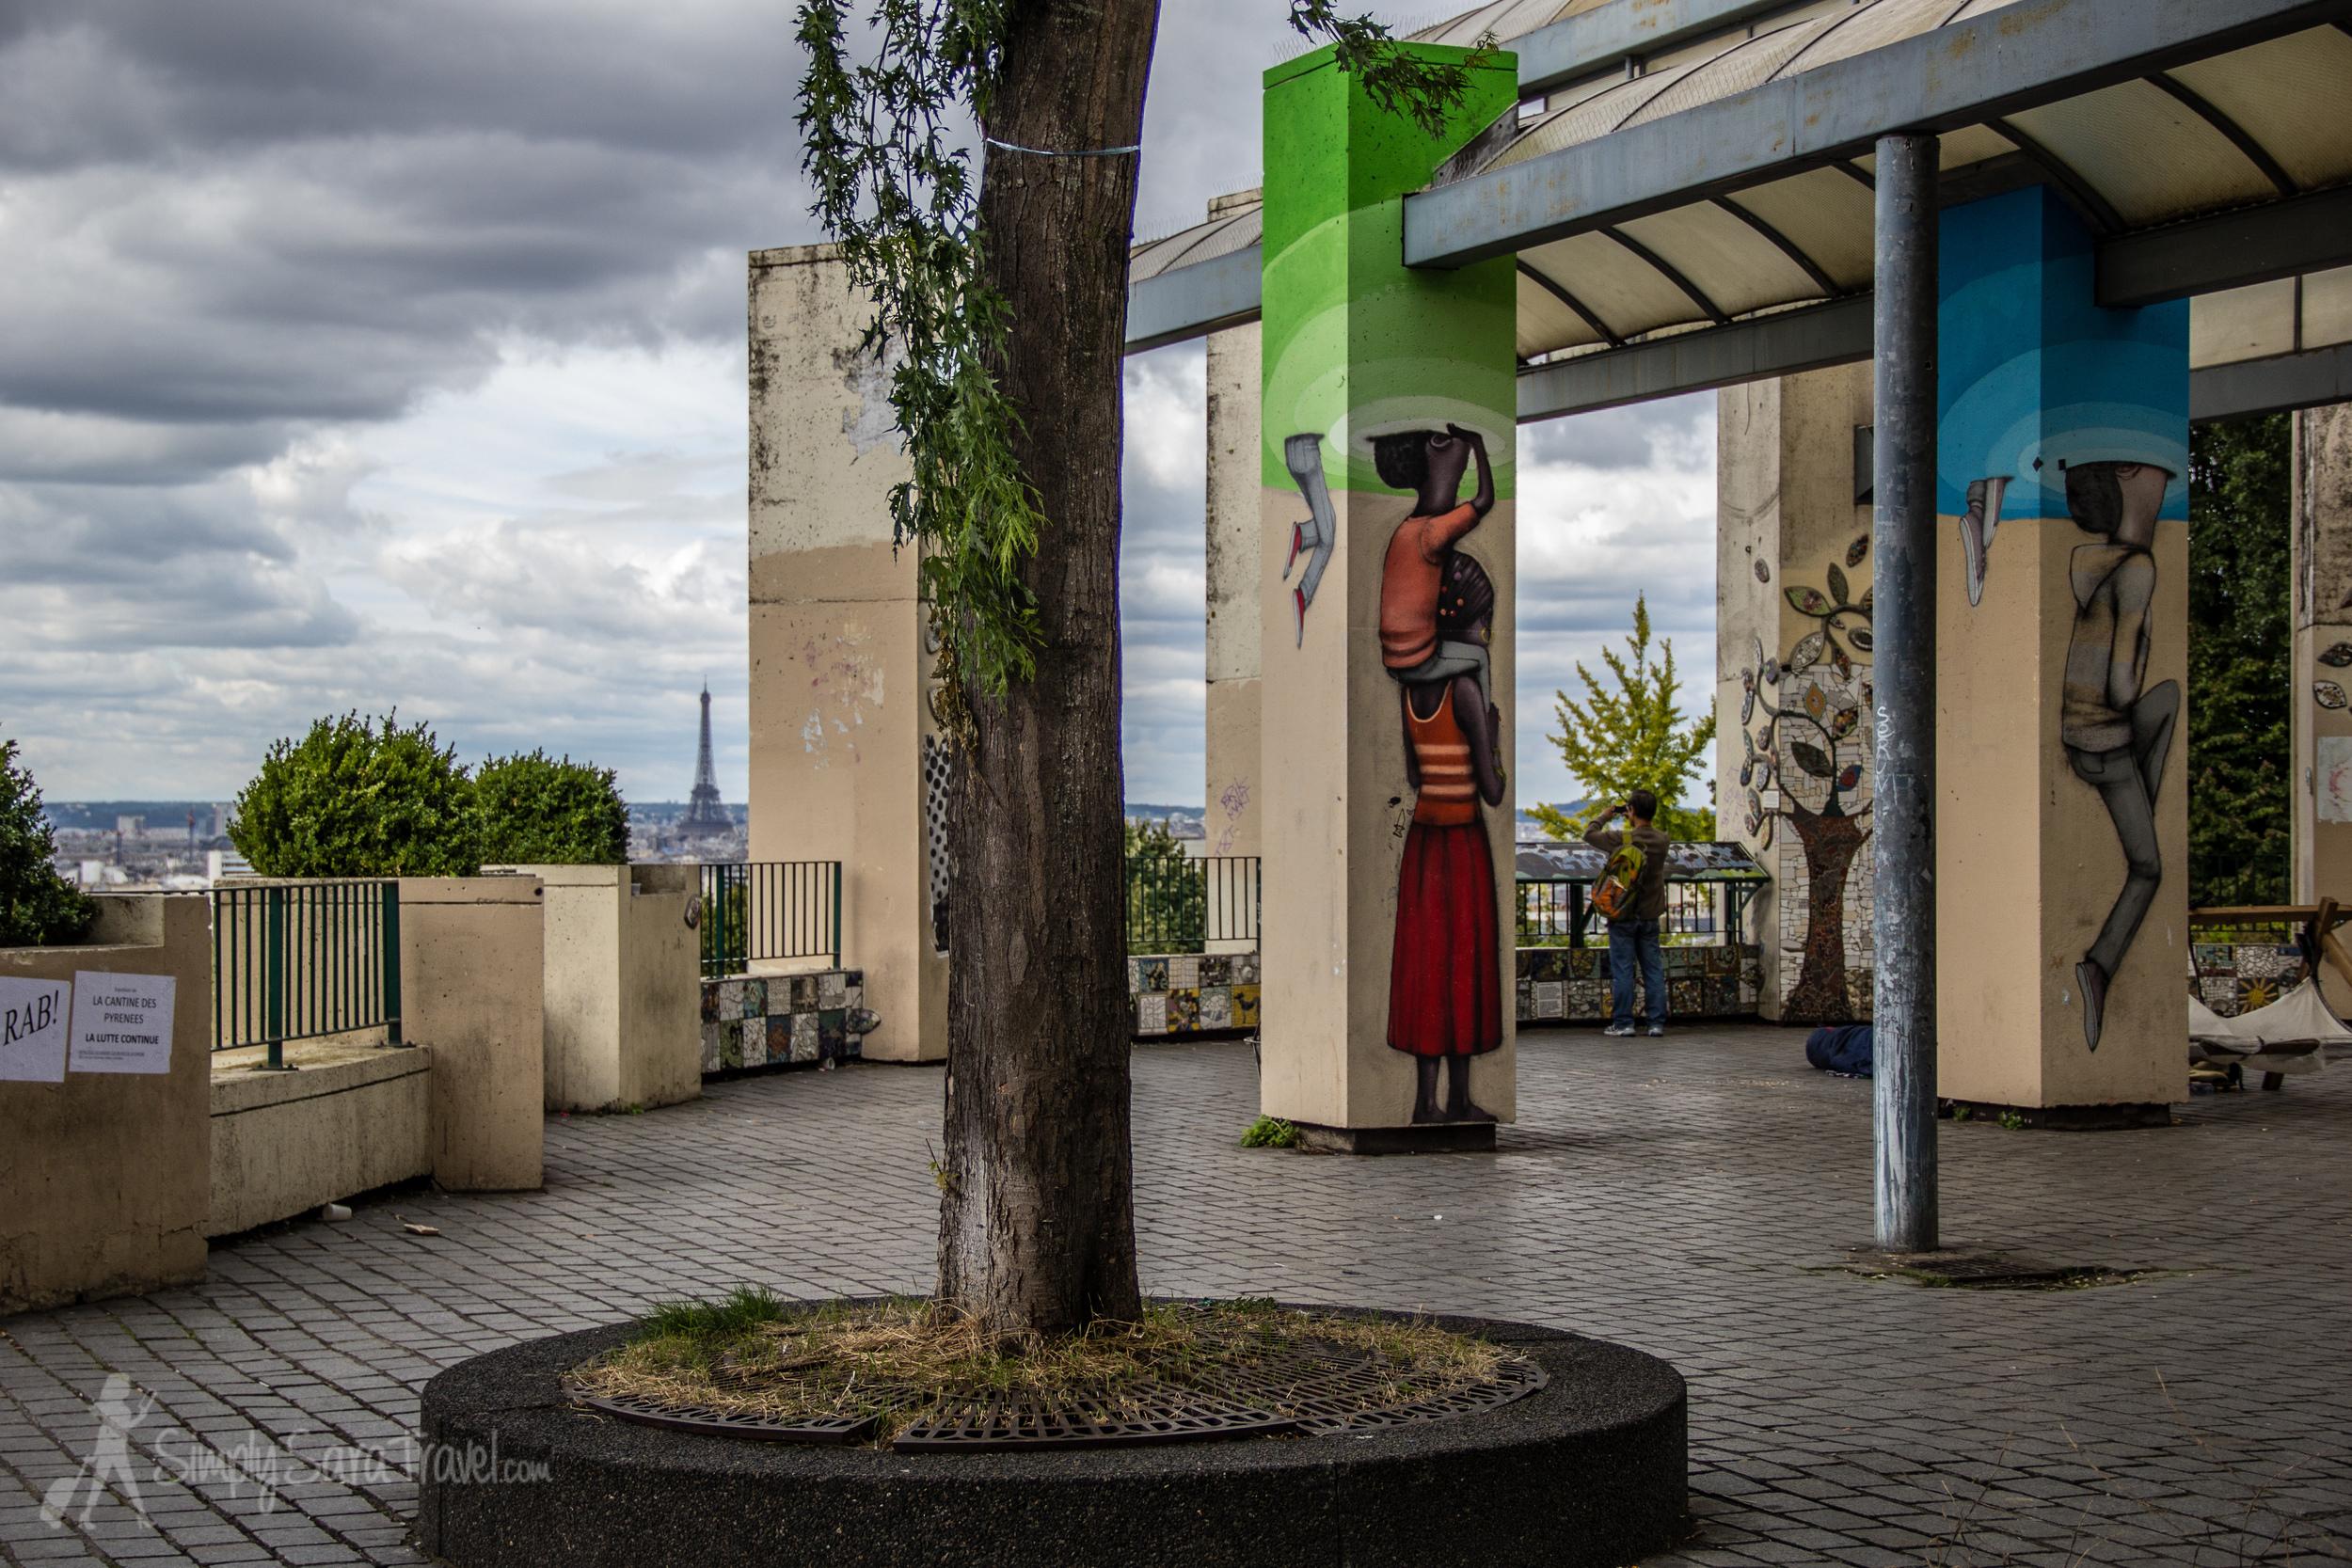 Street art and Eiffel Tower at Parc de Belleville